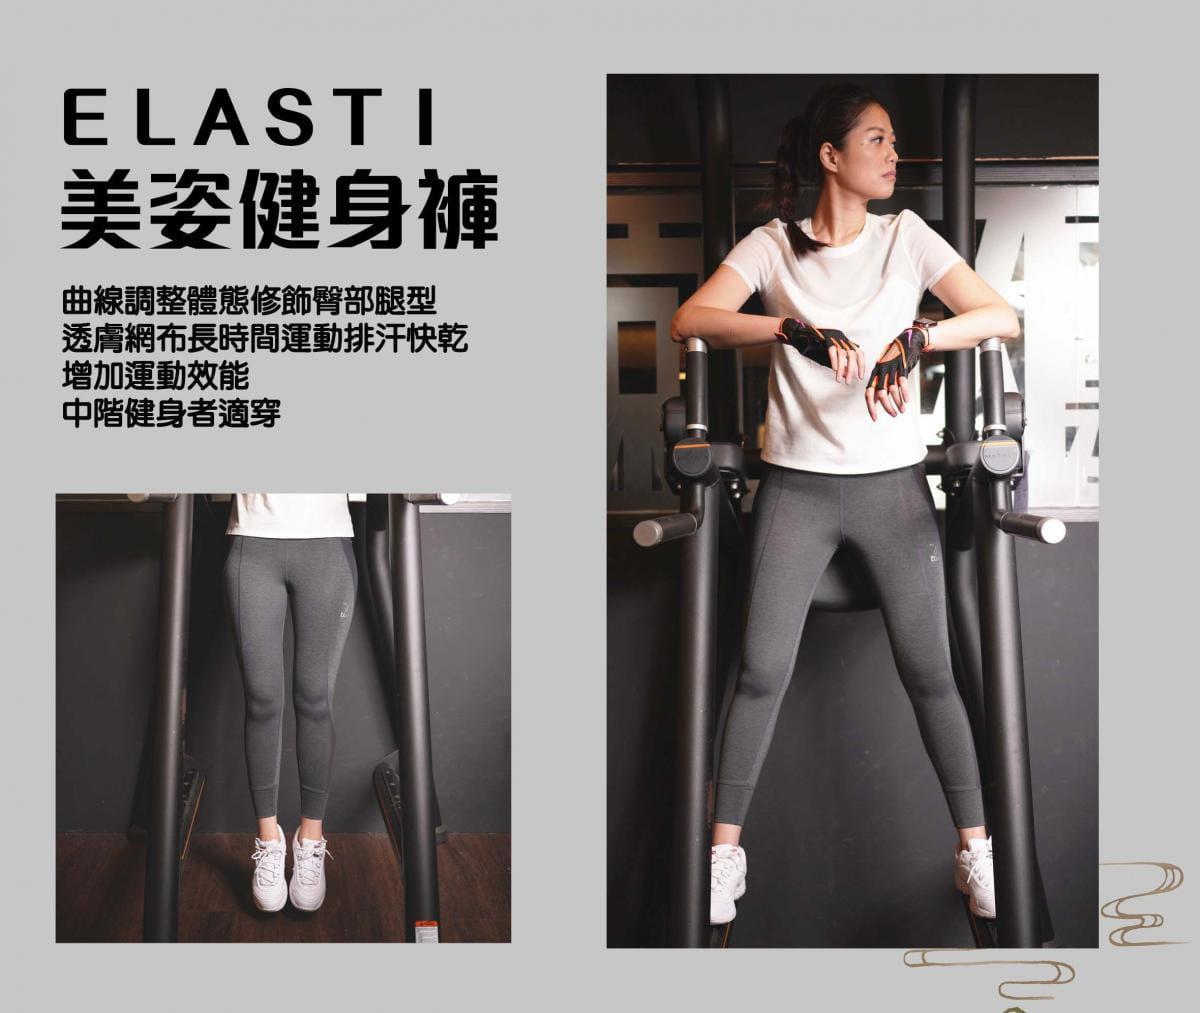 【ELASTI】美姿健身褲(配置手機口袋夾層壓力褲) 2